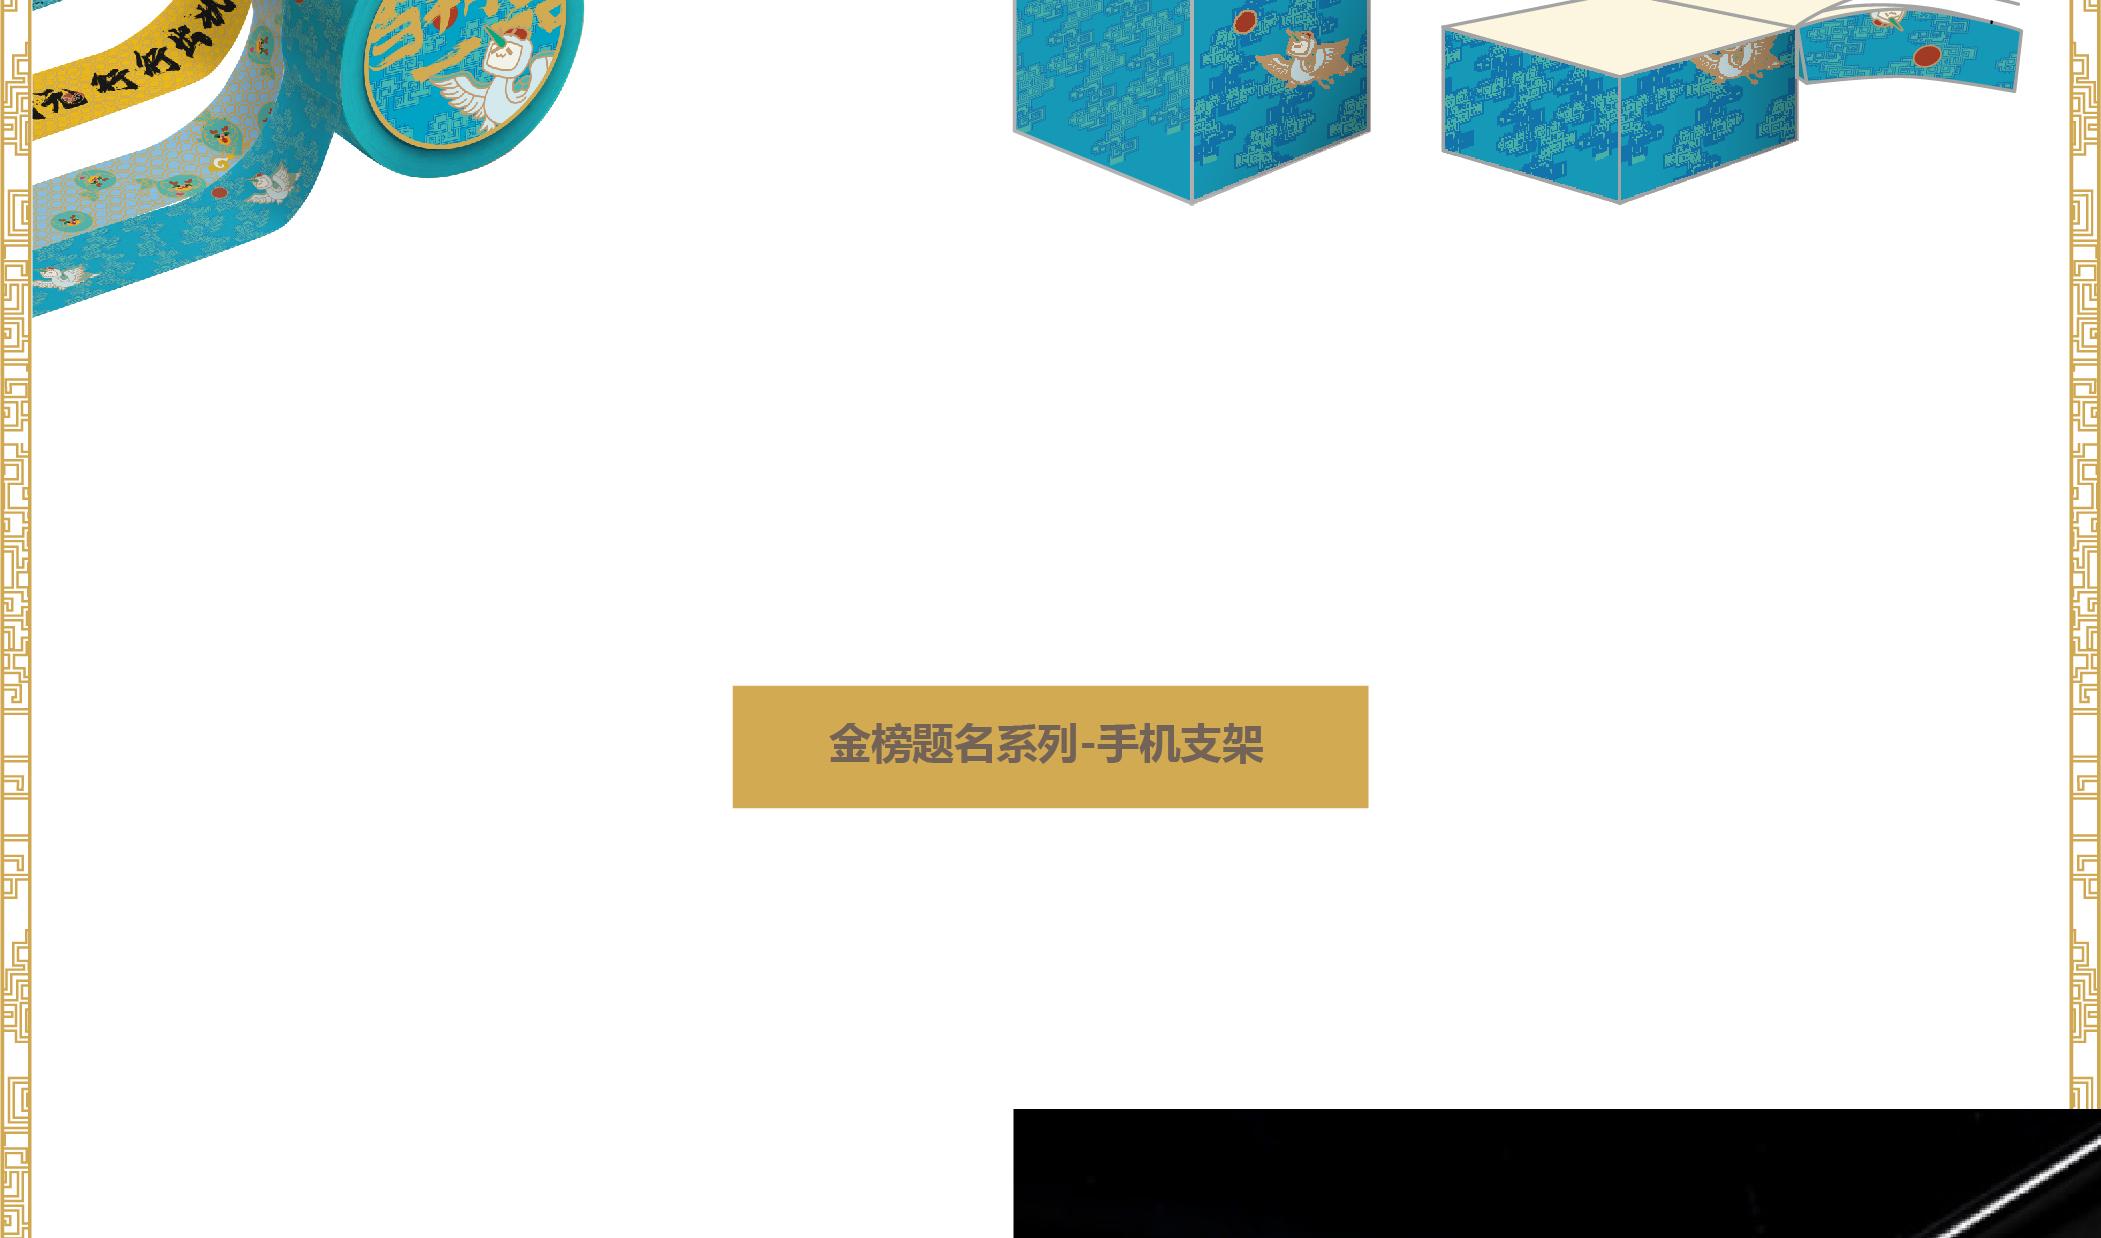 长图详情-35.jpg